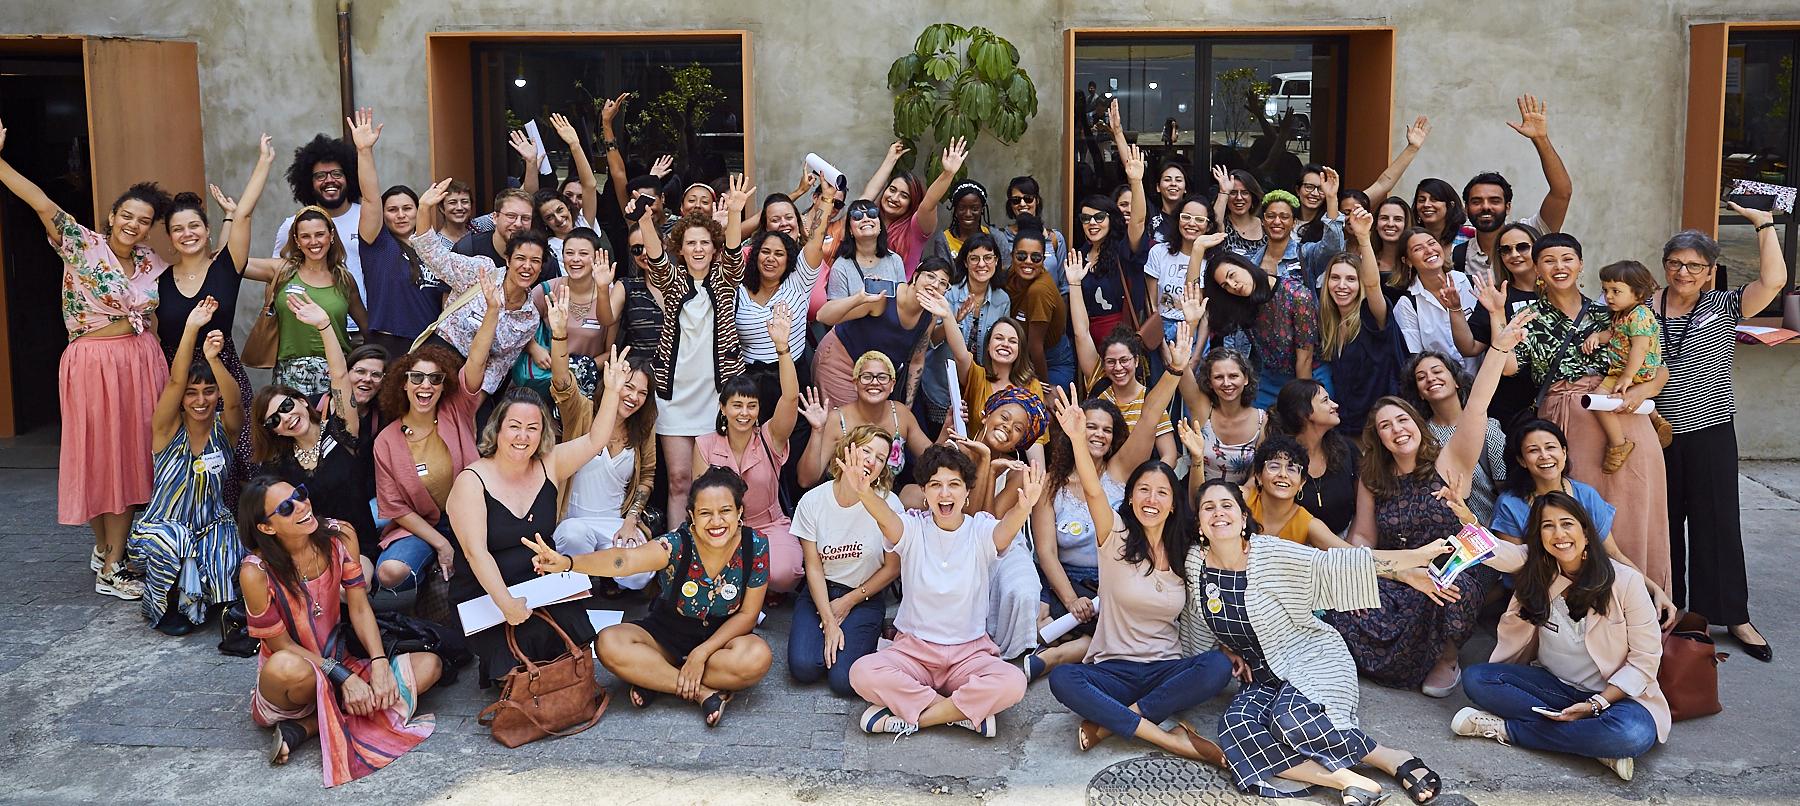 209 ação sobre igualdade de gênero